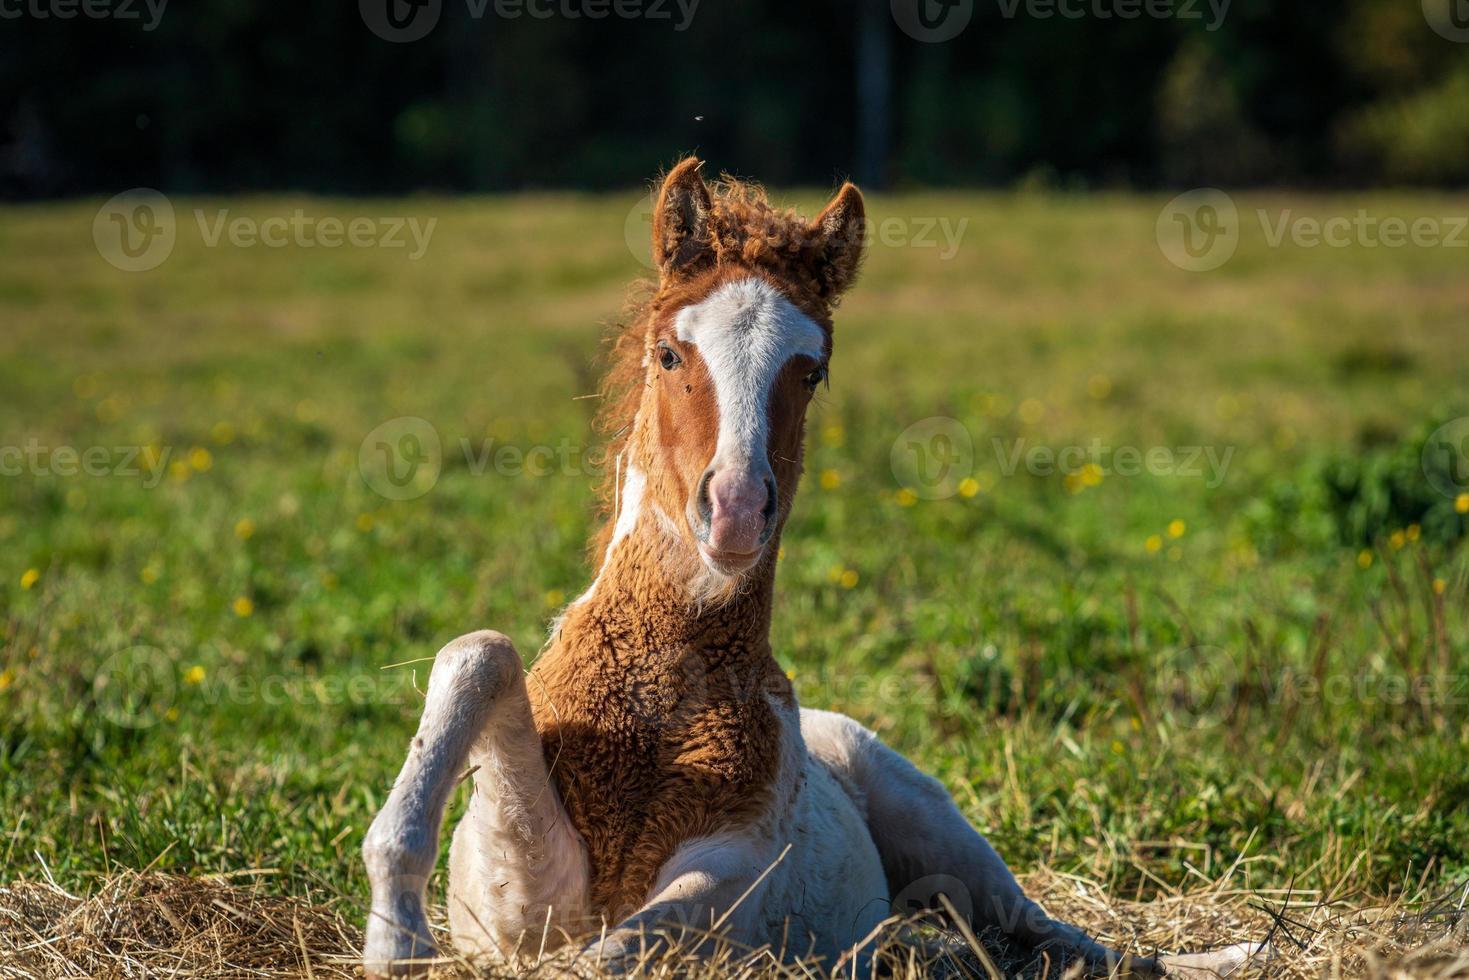 simpatico puledro cavallo islandese in procinto di alzarsi in posizione eretta foto